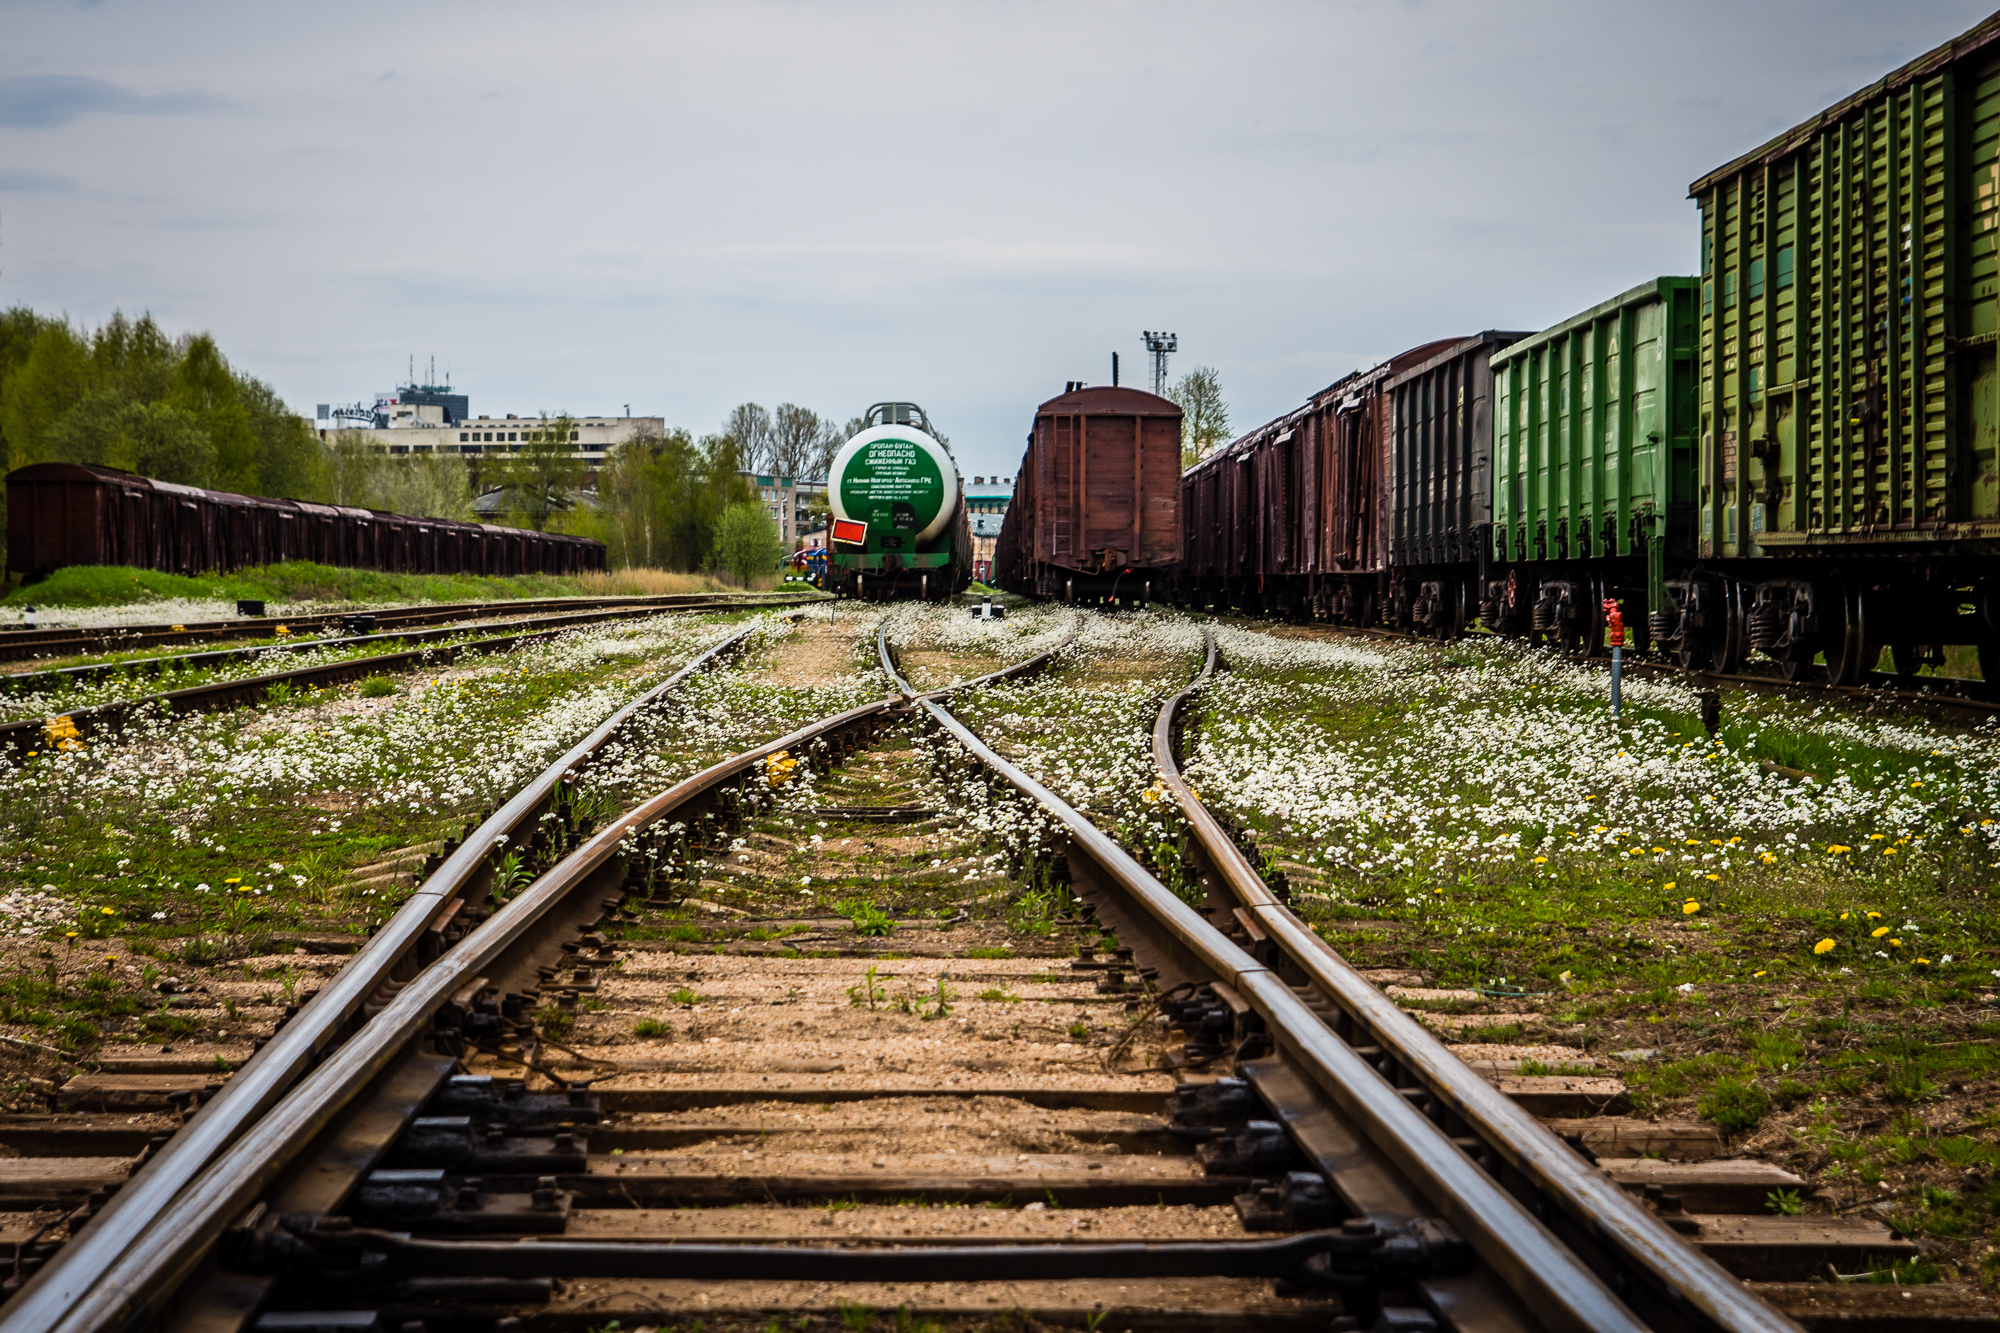 Train Wagons Via @Atisgailis